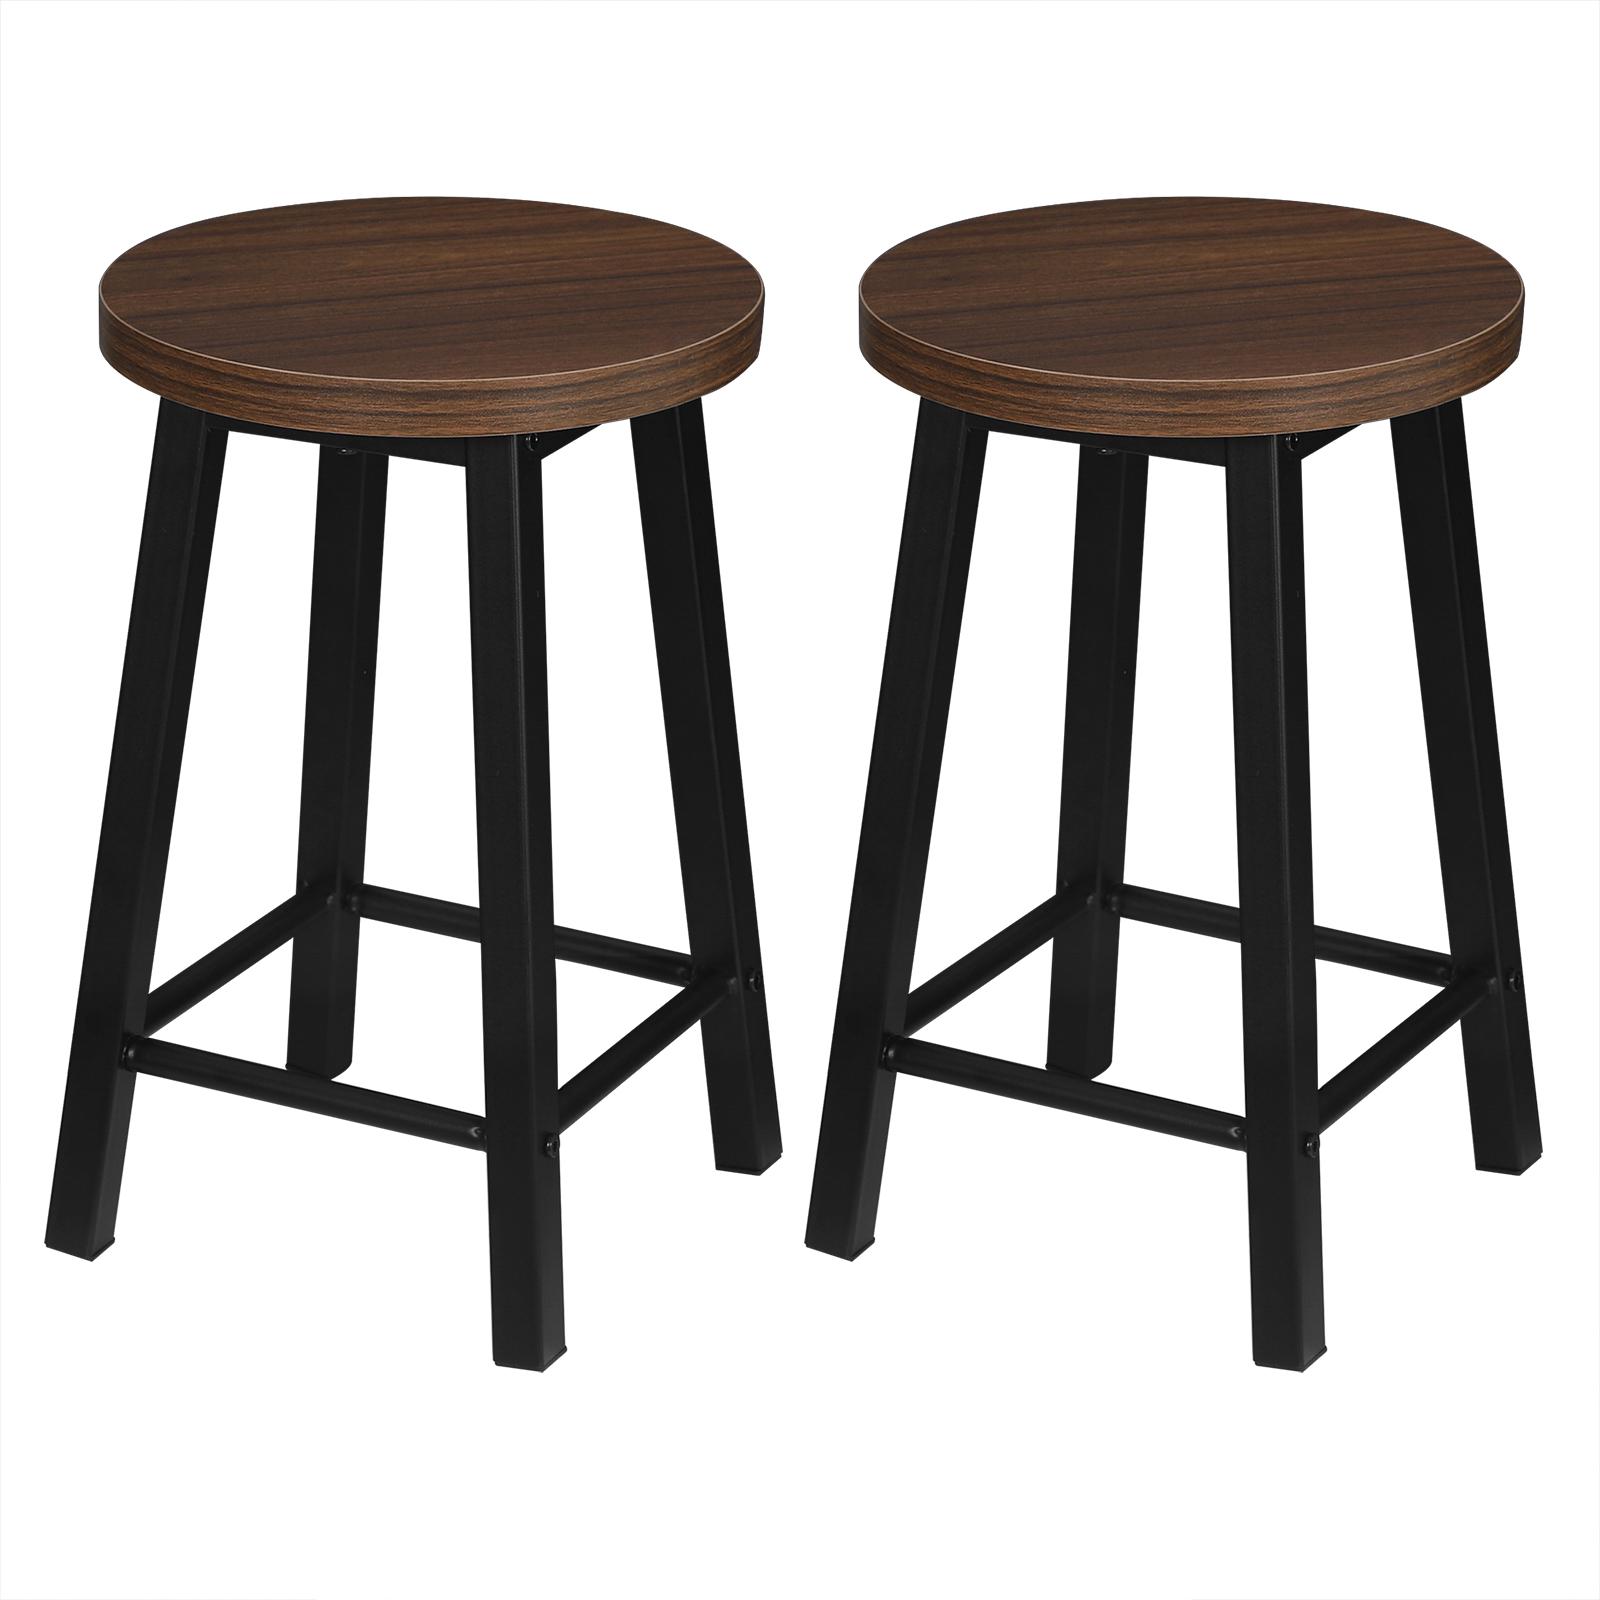 2 X Esszimmerstühle Küchenstühle aus Metall und Holz,Dunkelbuche BH297dc-2